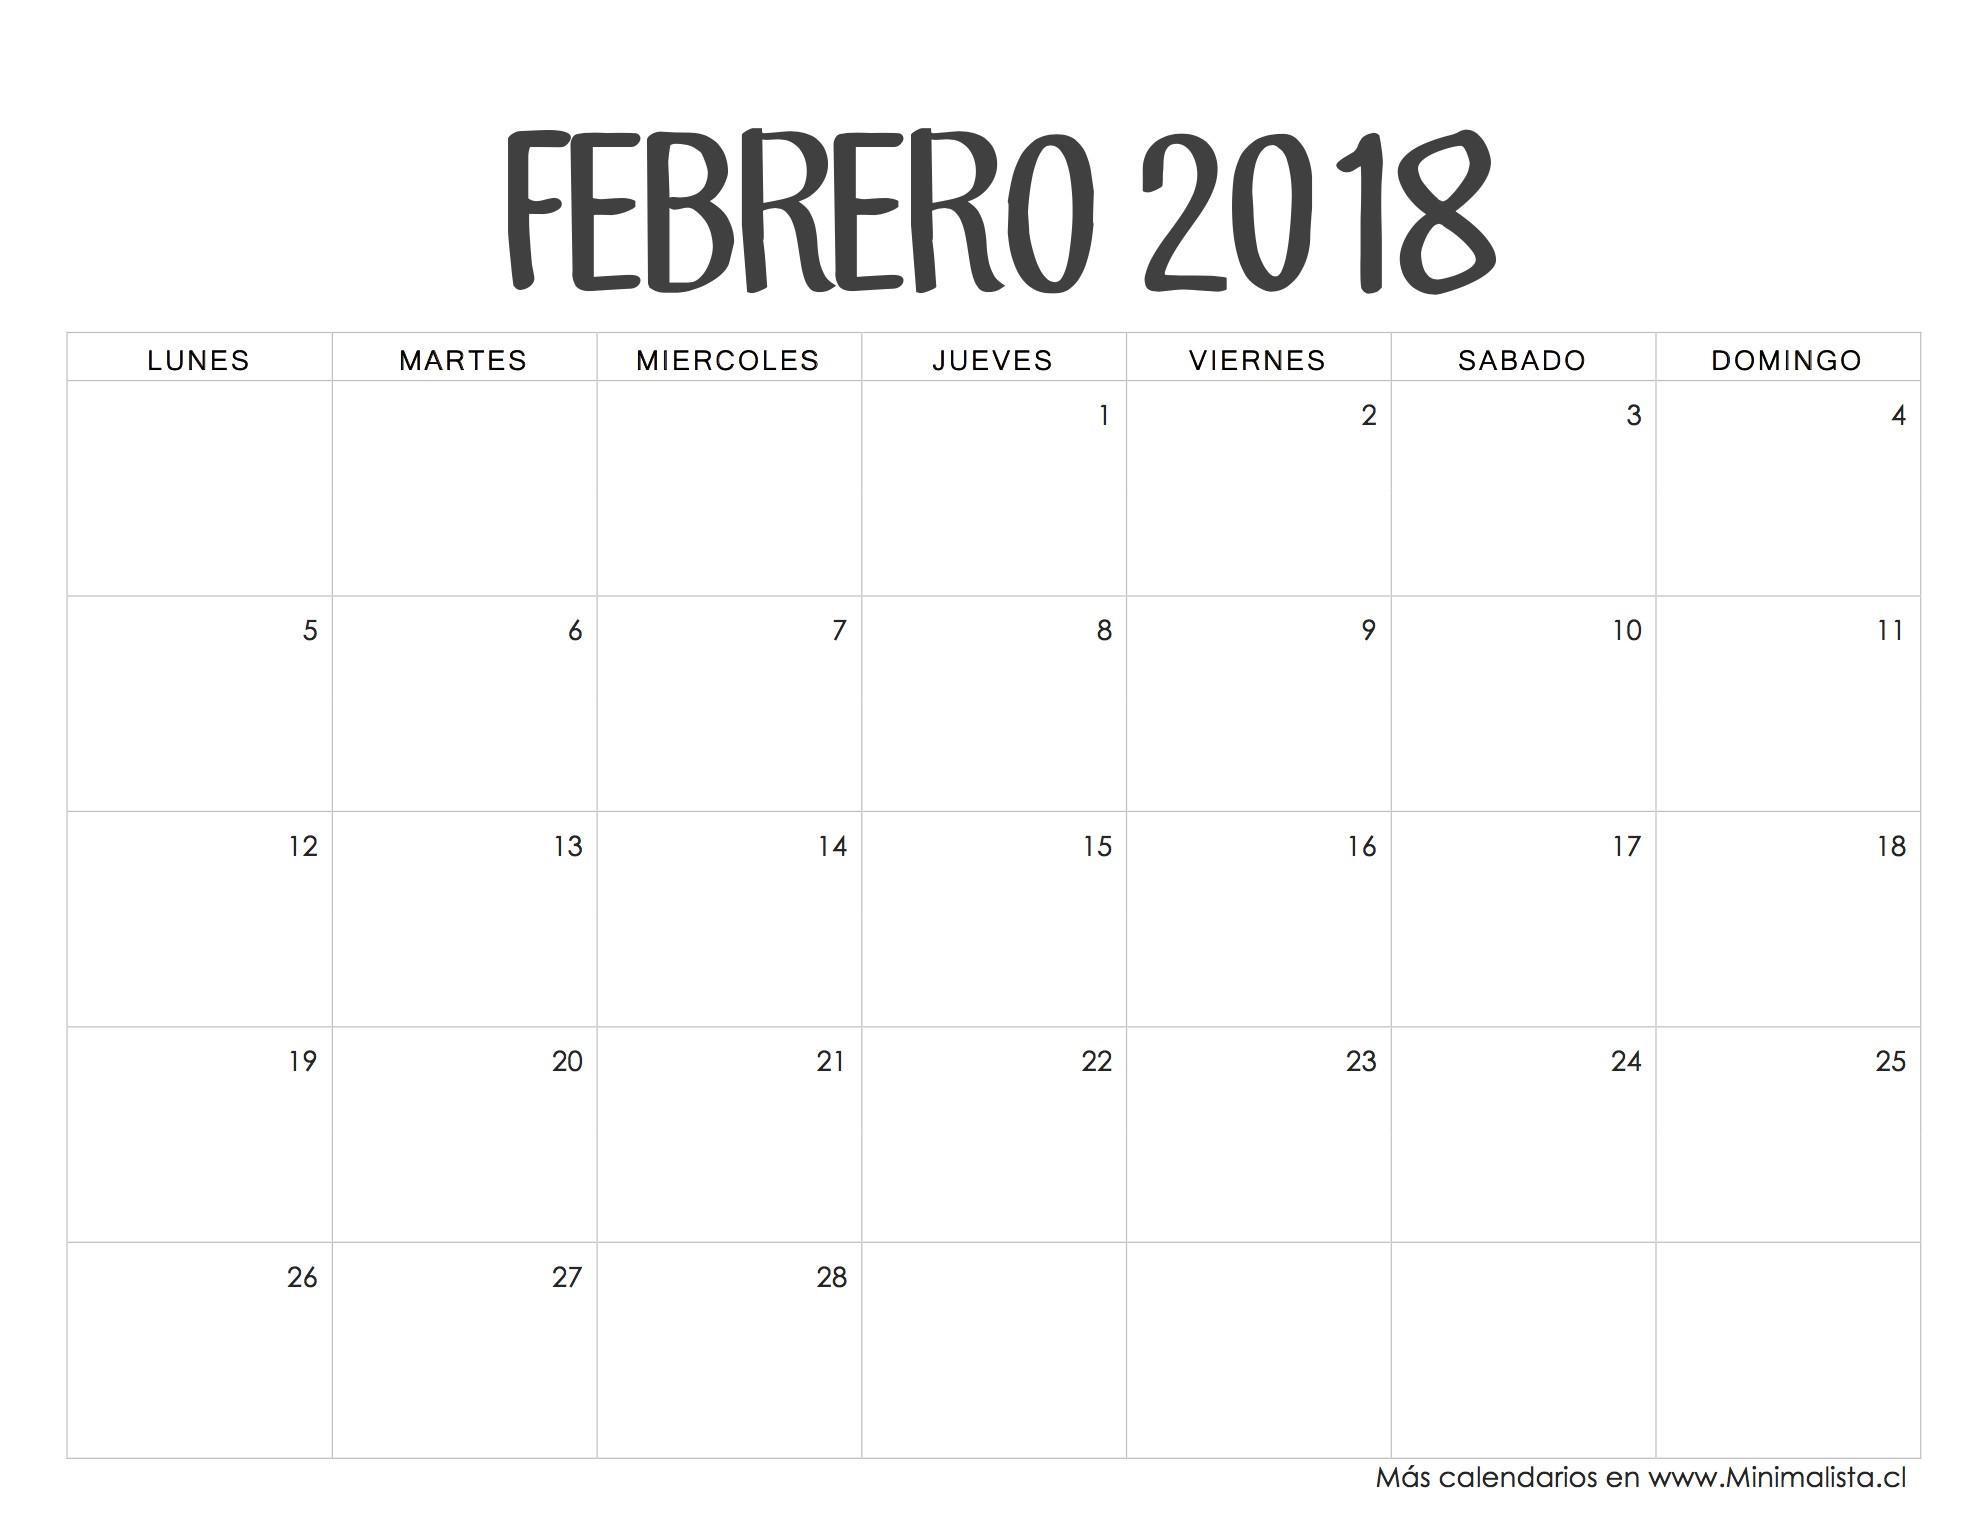 Imprimir Calendario De Rusia 2019 Más Actual Calendario Febrero 2018 Dise±os Pinterest Of Imprimir Calendario De Rusia 2019 Más Actual Eur Lex R3821 En Eur Lex